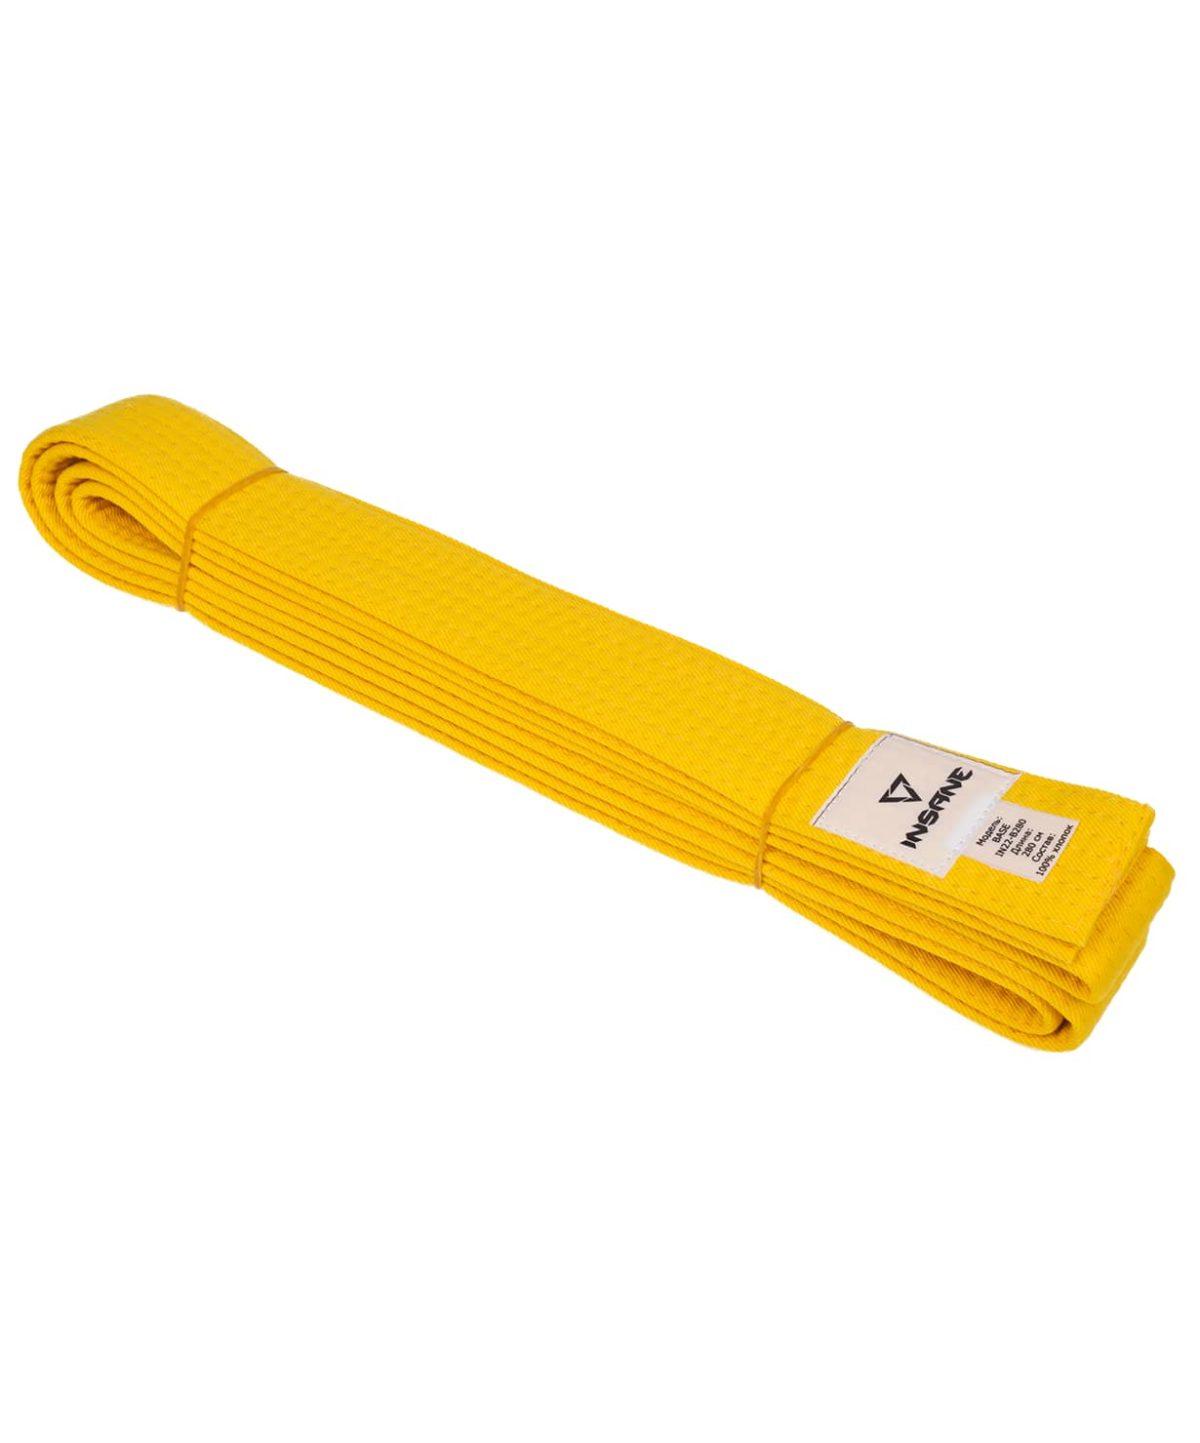 INSANE Пояс для единобоств BASE х/б, 240 см  IN22-B240: жёлтый - 1